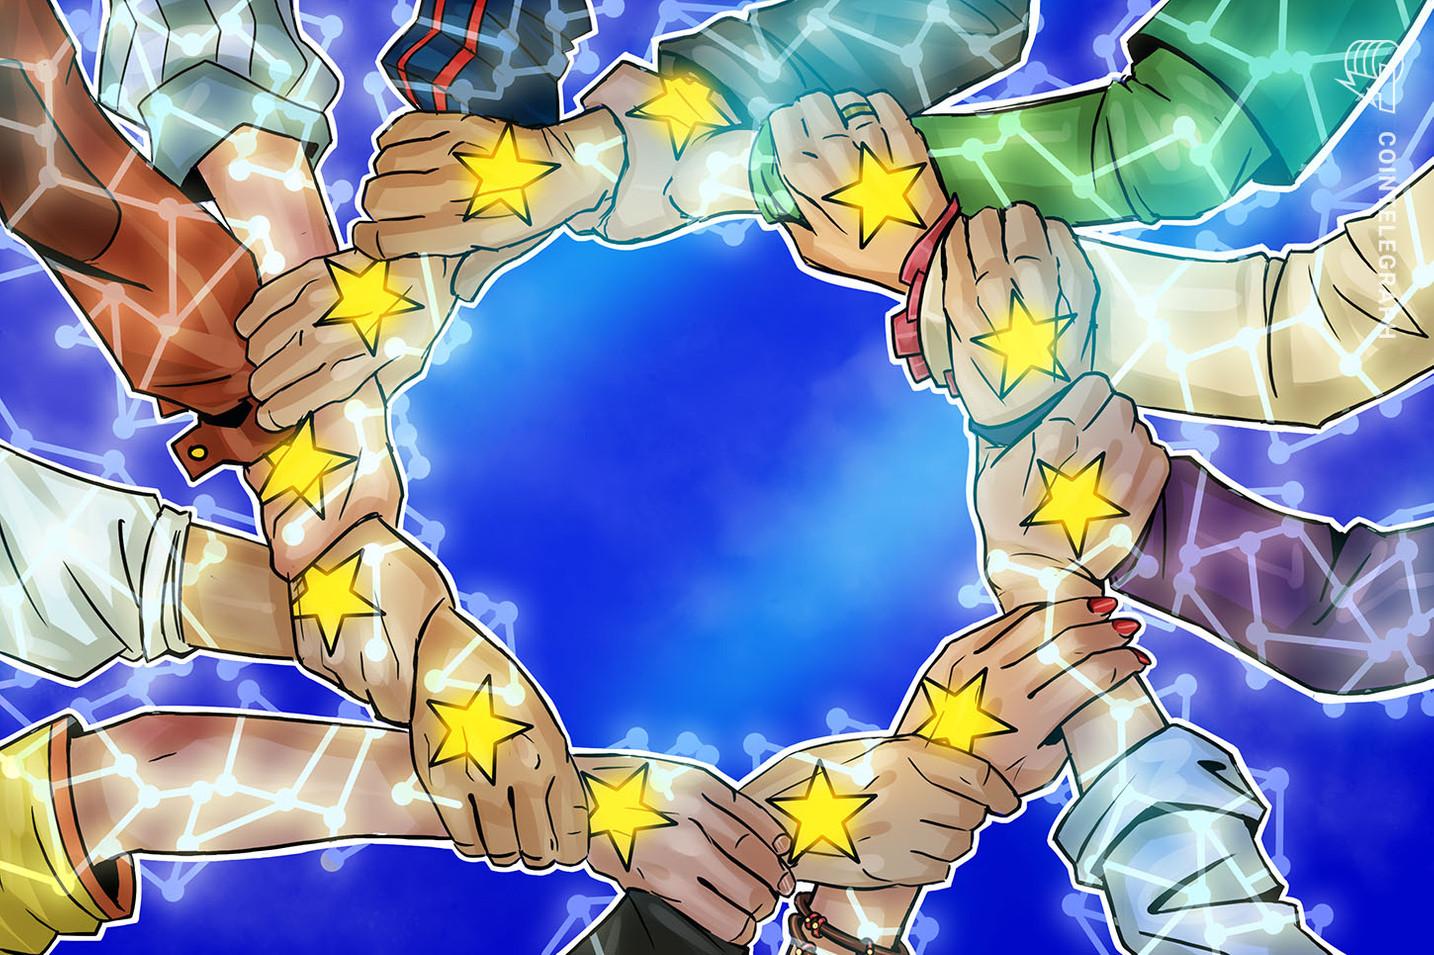 Η νέα πρόταση της ΕΕ αποσκοπεί στην ενίσχυση των κανονισμών για την αποστολή κρυπτονομισμάτων